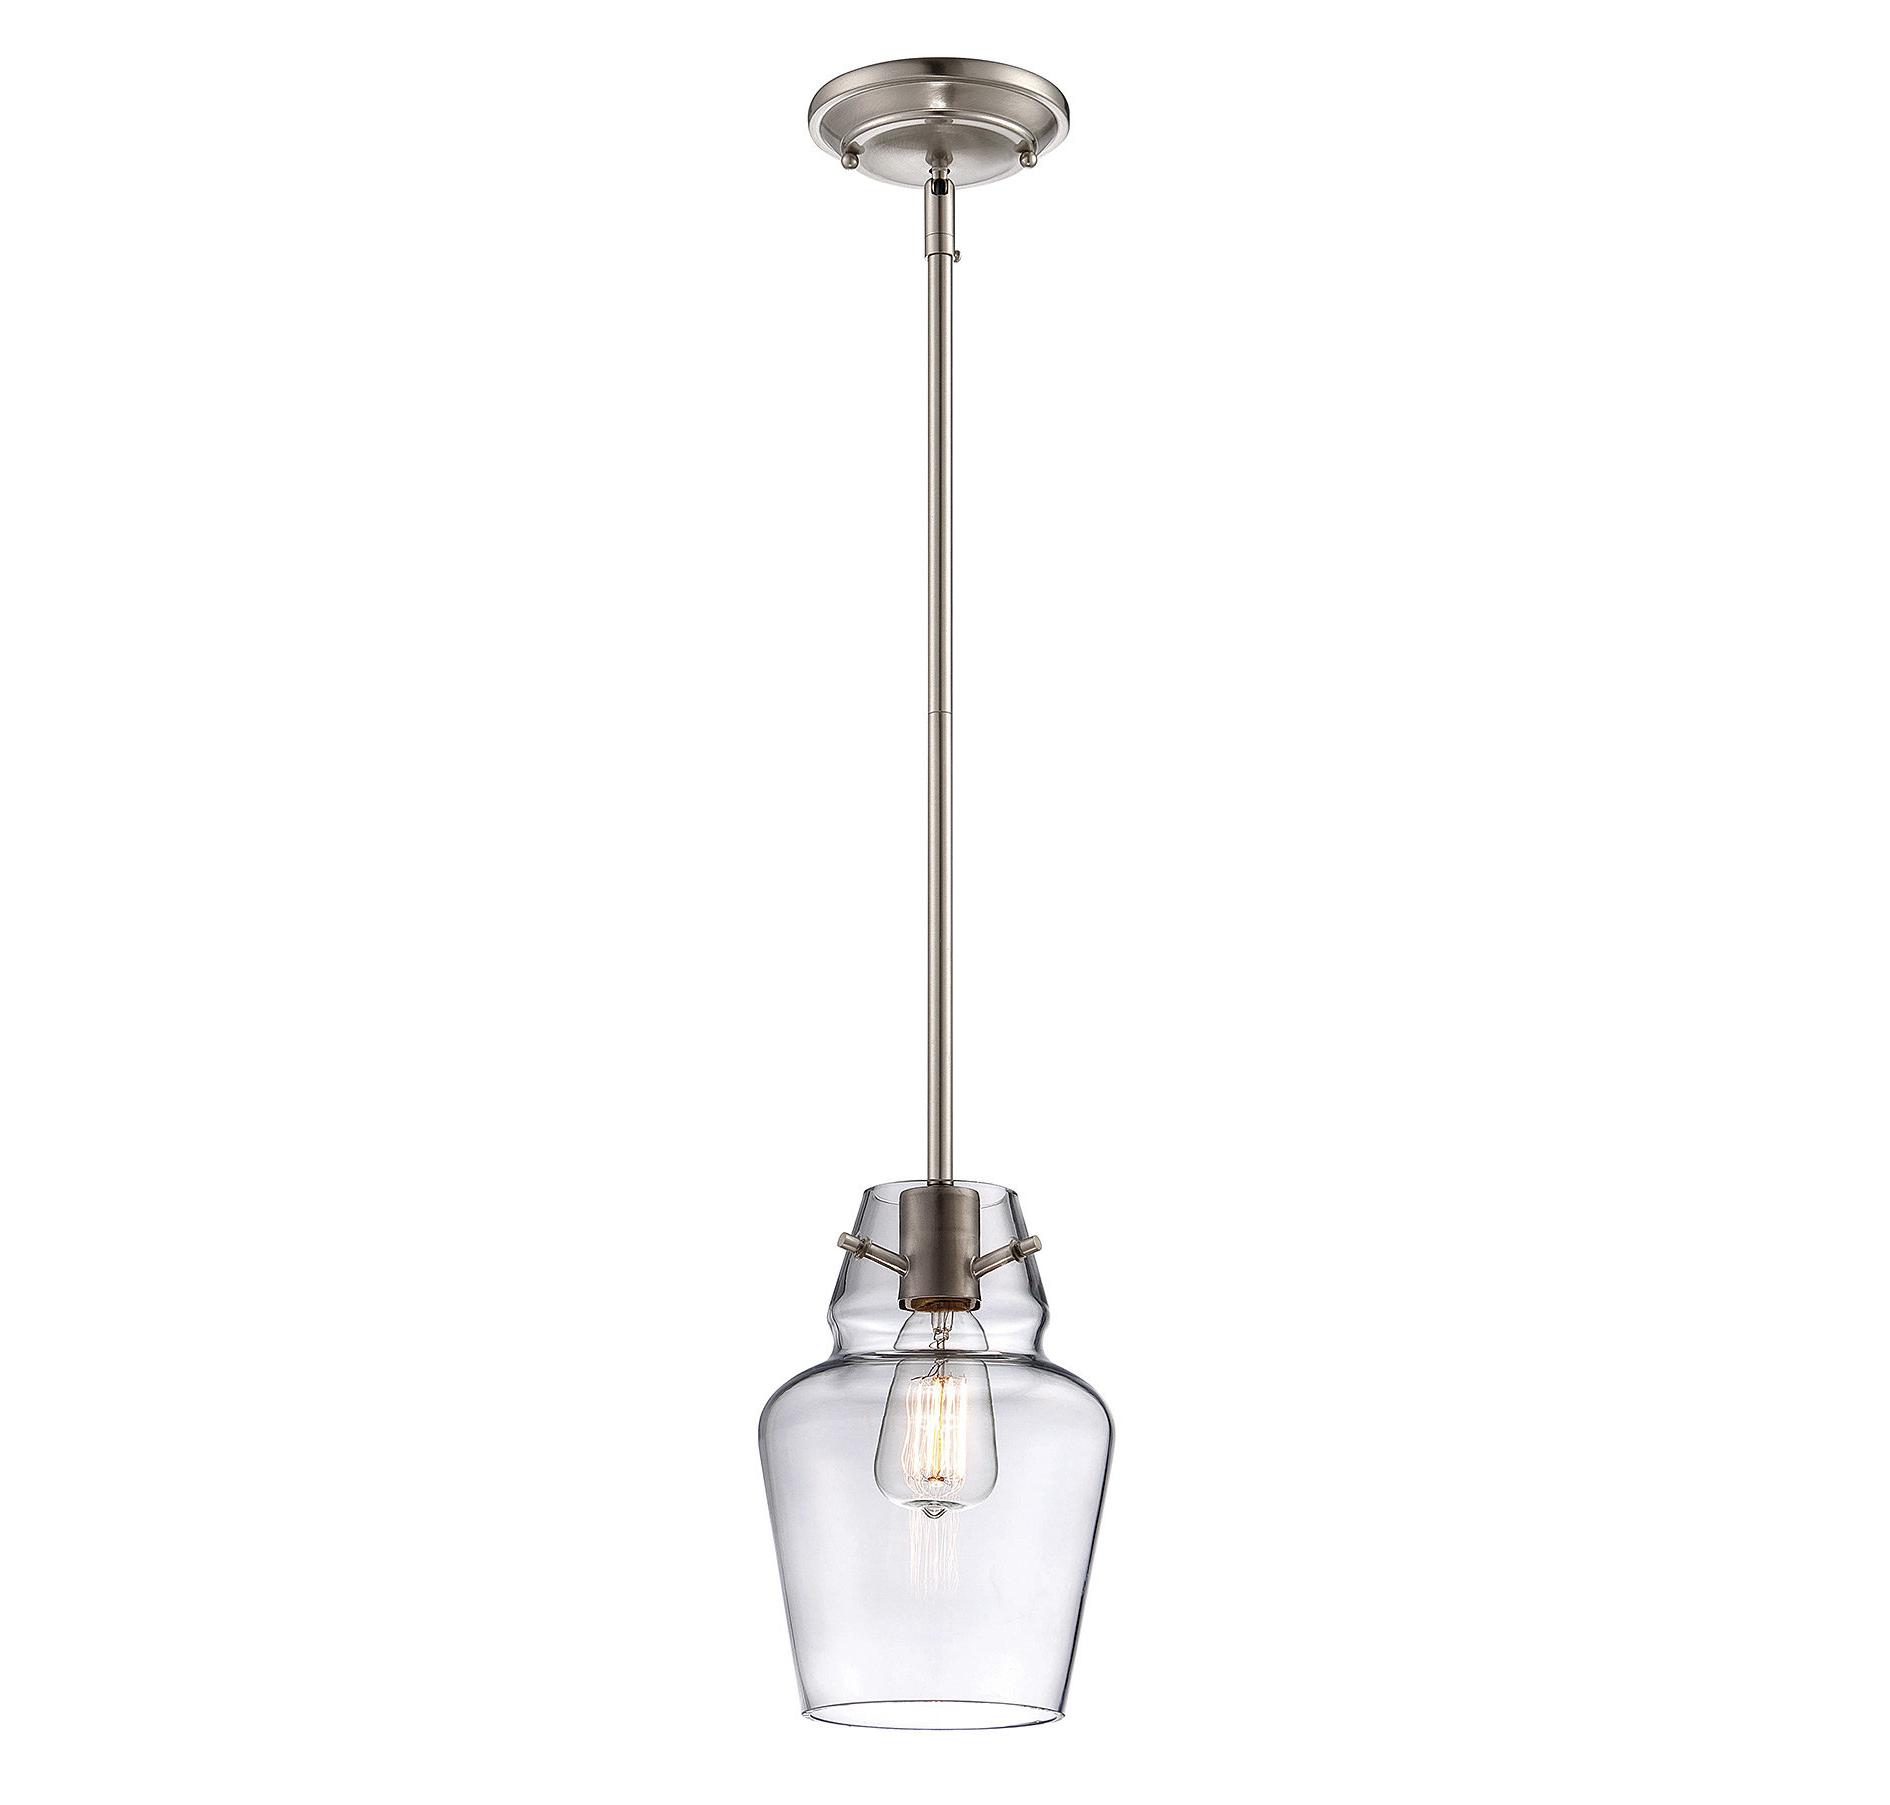 Roslindale 1 Light Single Bell Pendants Regarding Newest Roslindale 1 Light Single Bell Pendant (View 2 of 20)